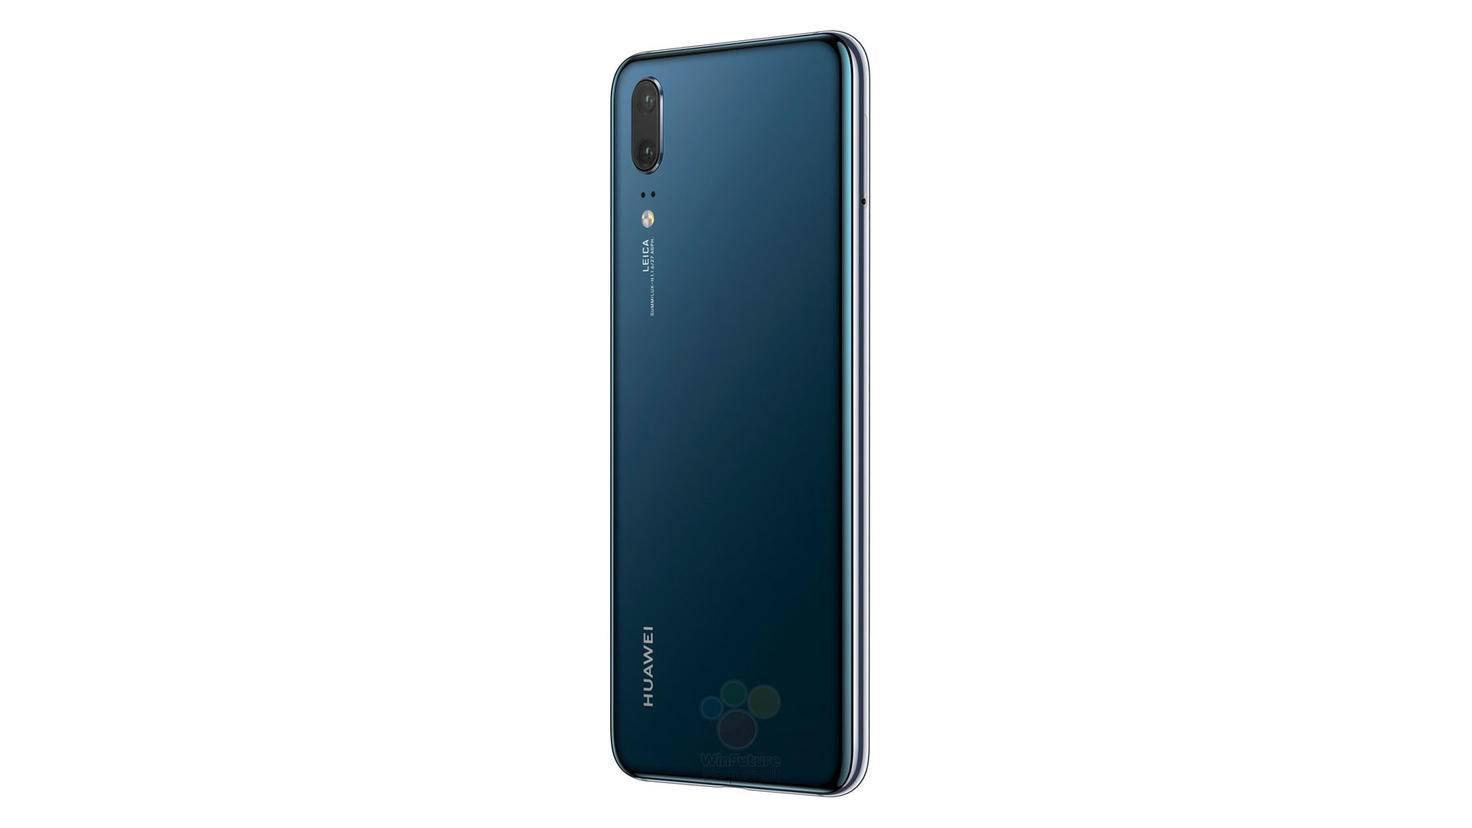 So soll das Huawei P20 aussehen.